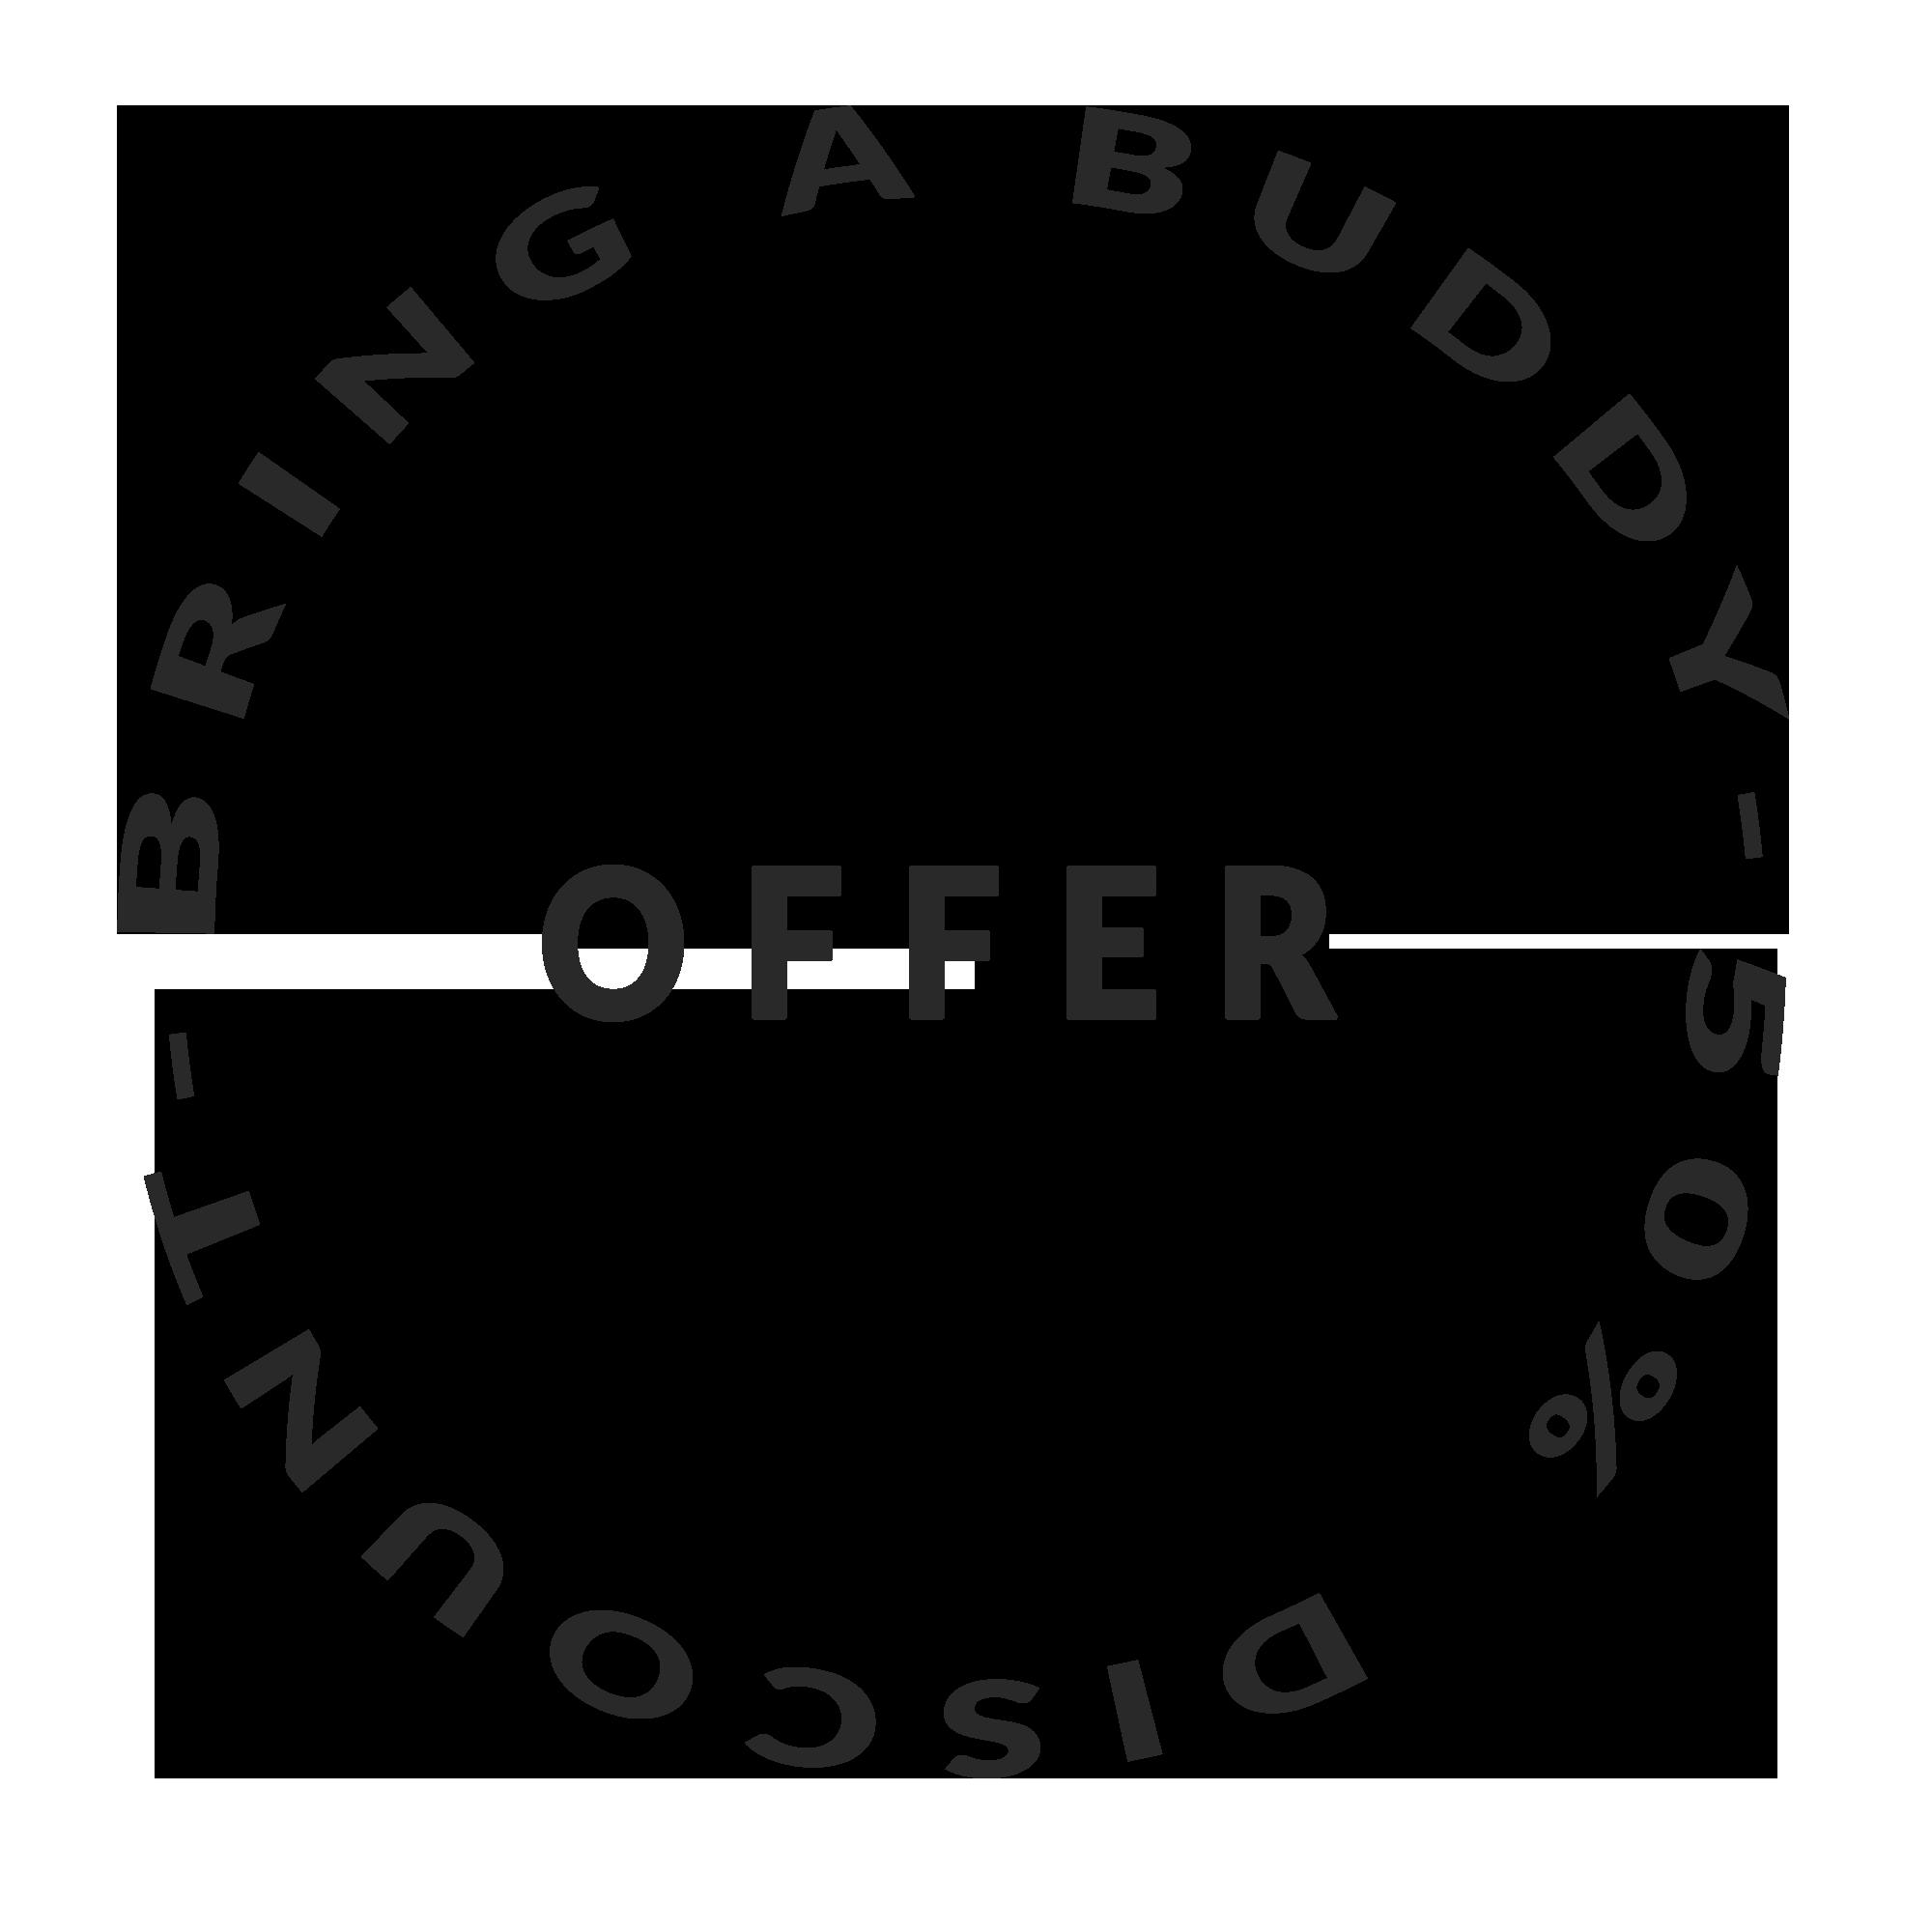 Bring a buddy offer 50%